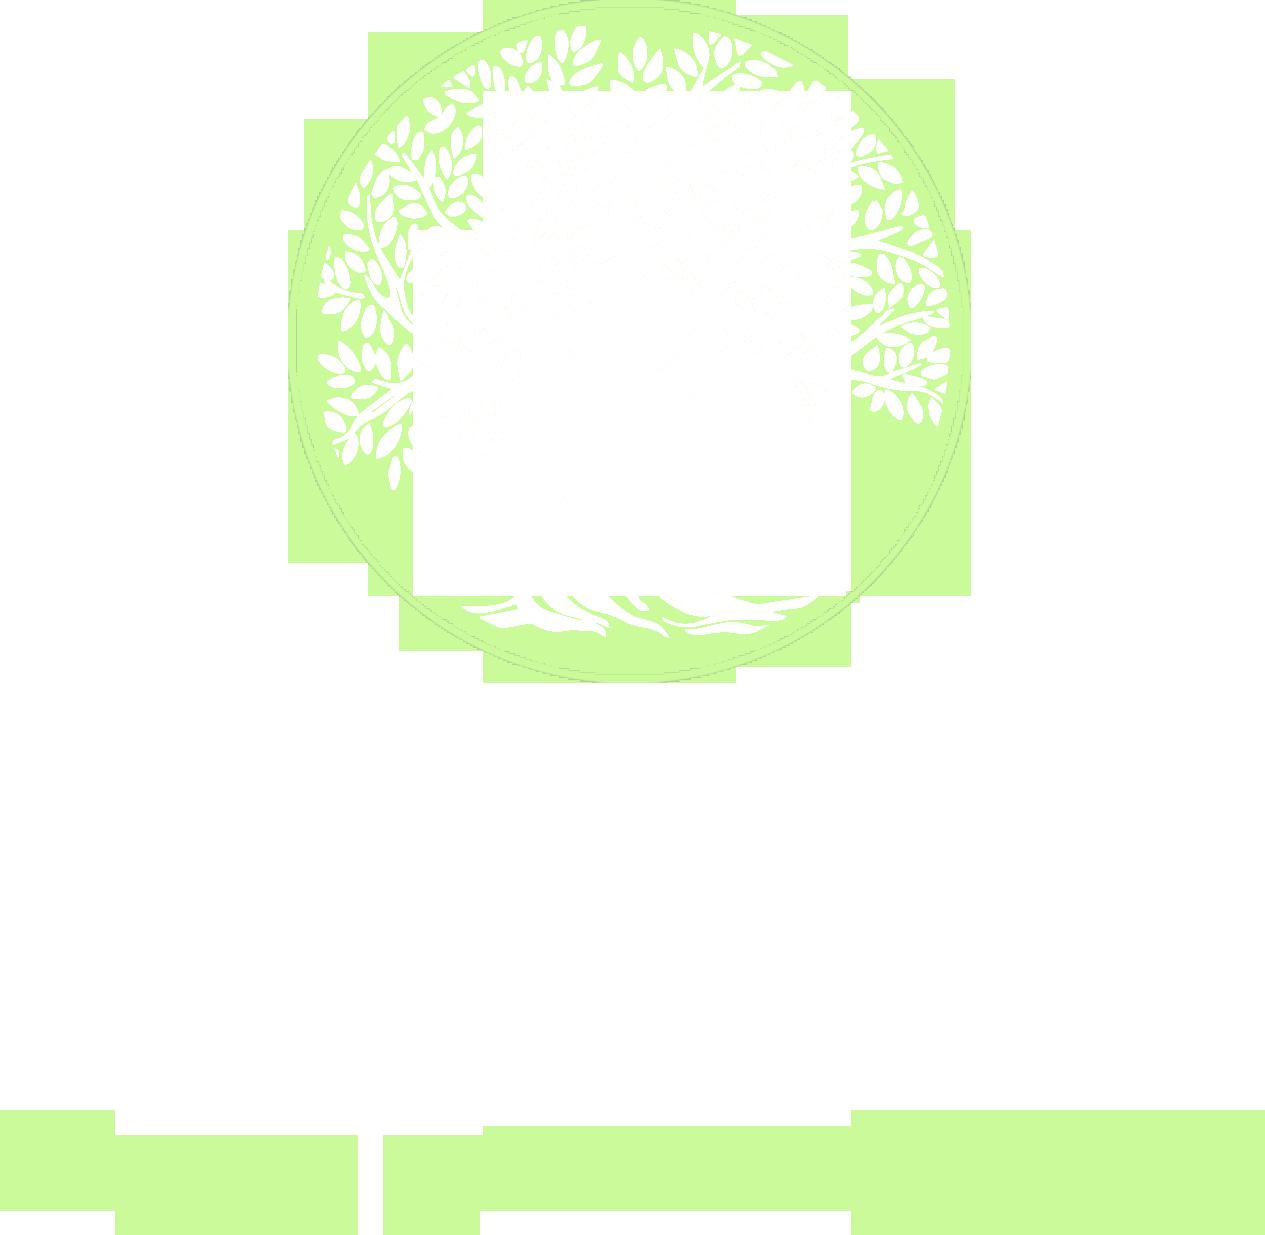 Olio Nocella Logo